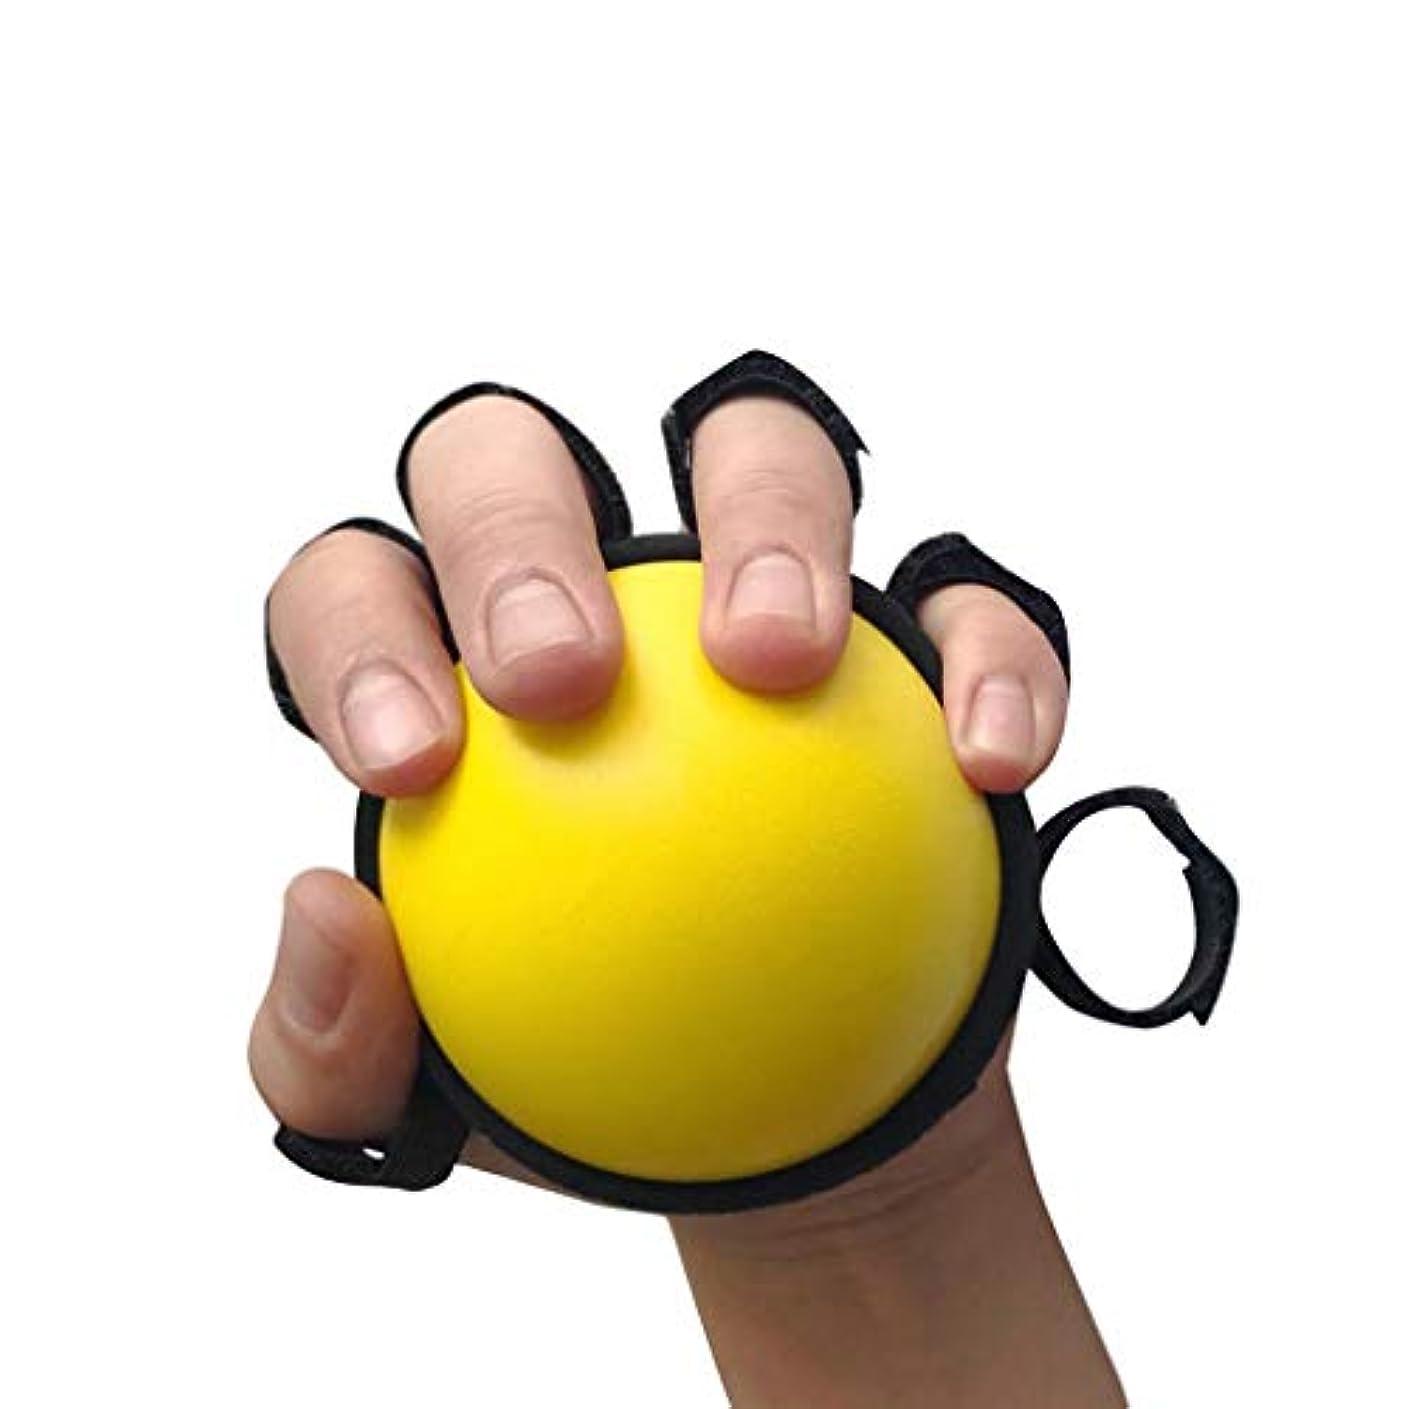 ライン解体するパットストロークを軽減するために、5本指の分離グリップボールリハビリトレーニング、指が自分自身を分離することはできません手にハイ筋肉の緊張を持つ人々のために適した片麻痺、手指し機器は、緩和することができます